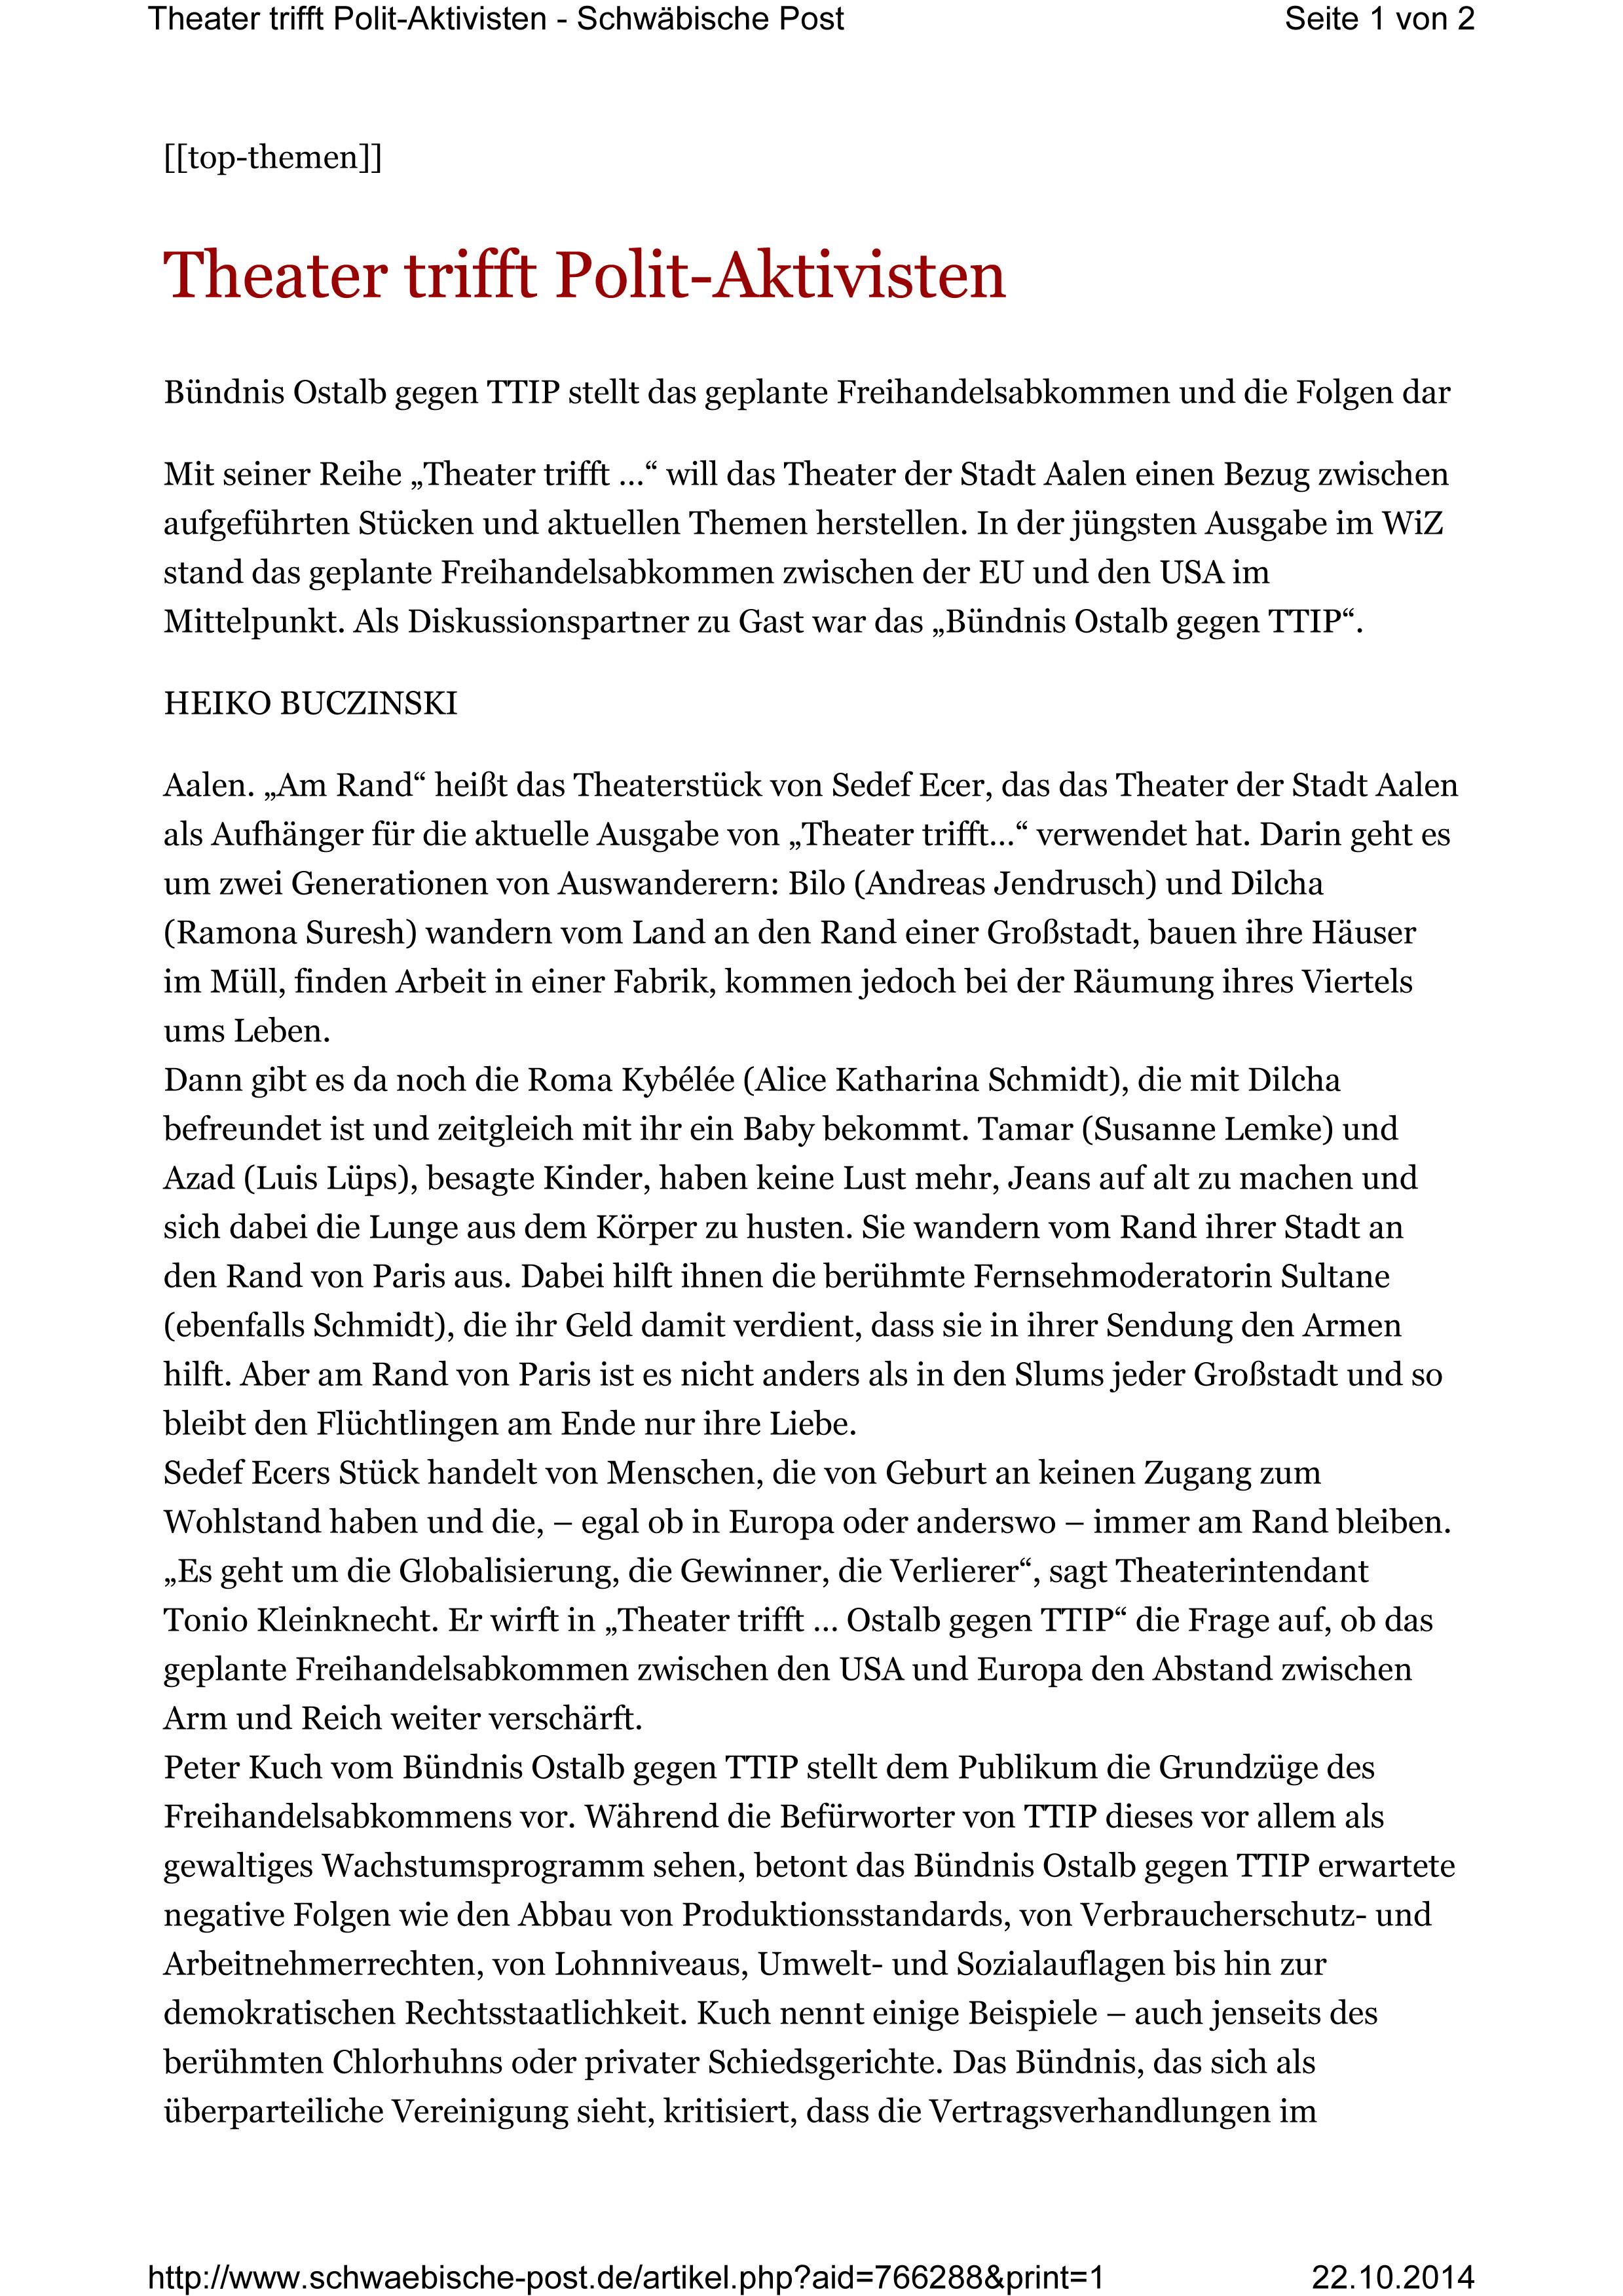 http://www.schwaebische-post.de/artikel.php?aid=766288&print=1